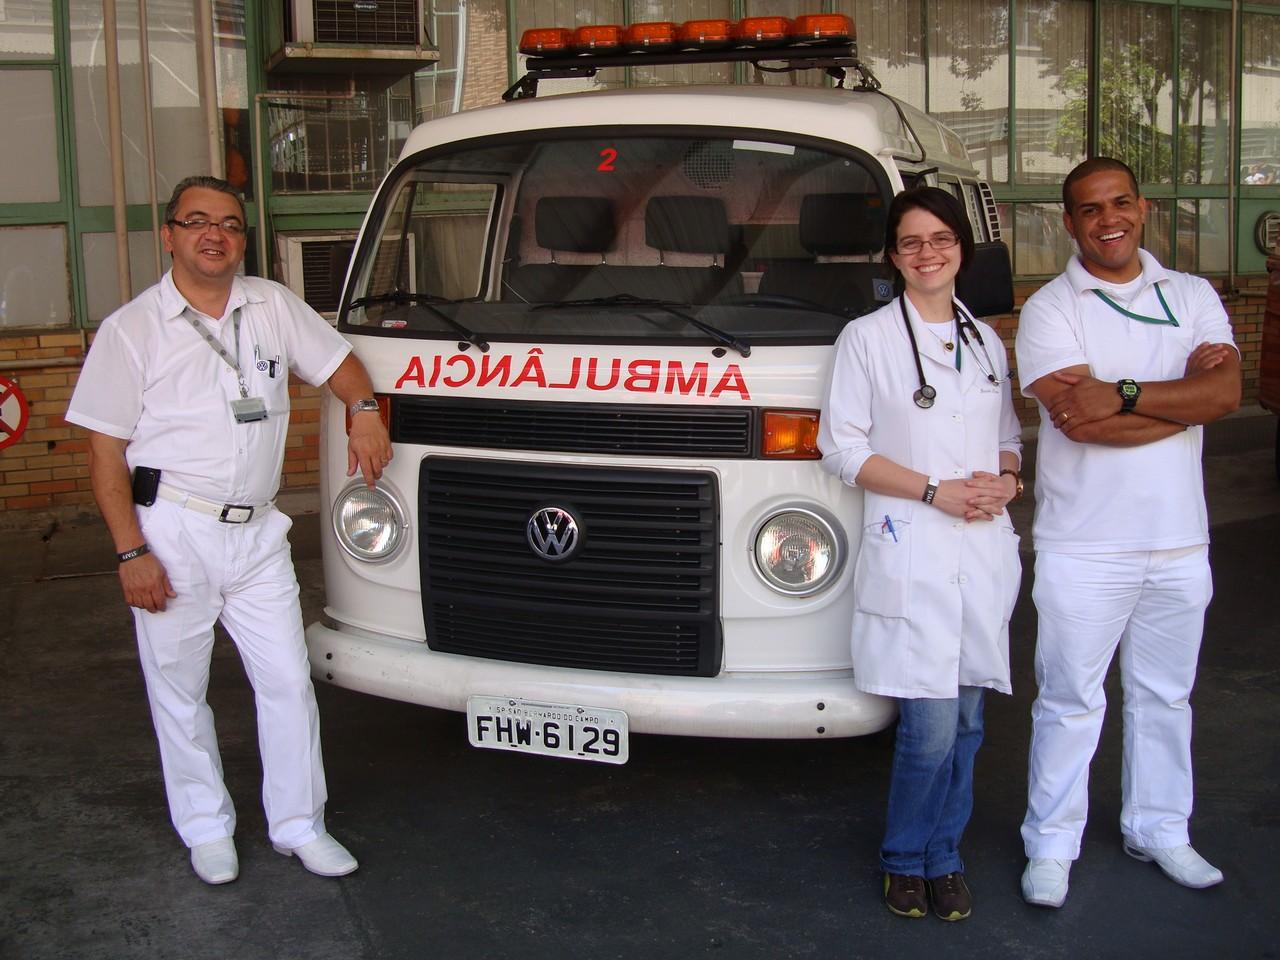 Também as ambulâncias eram Kombis e pode se notar a simpática alegria desta equipe de apoio médico